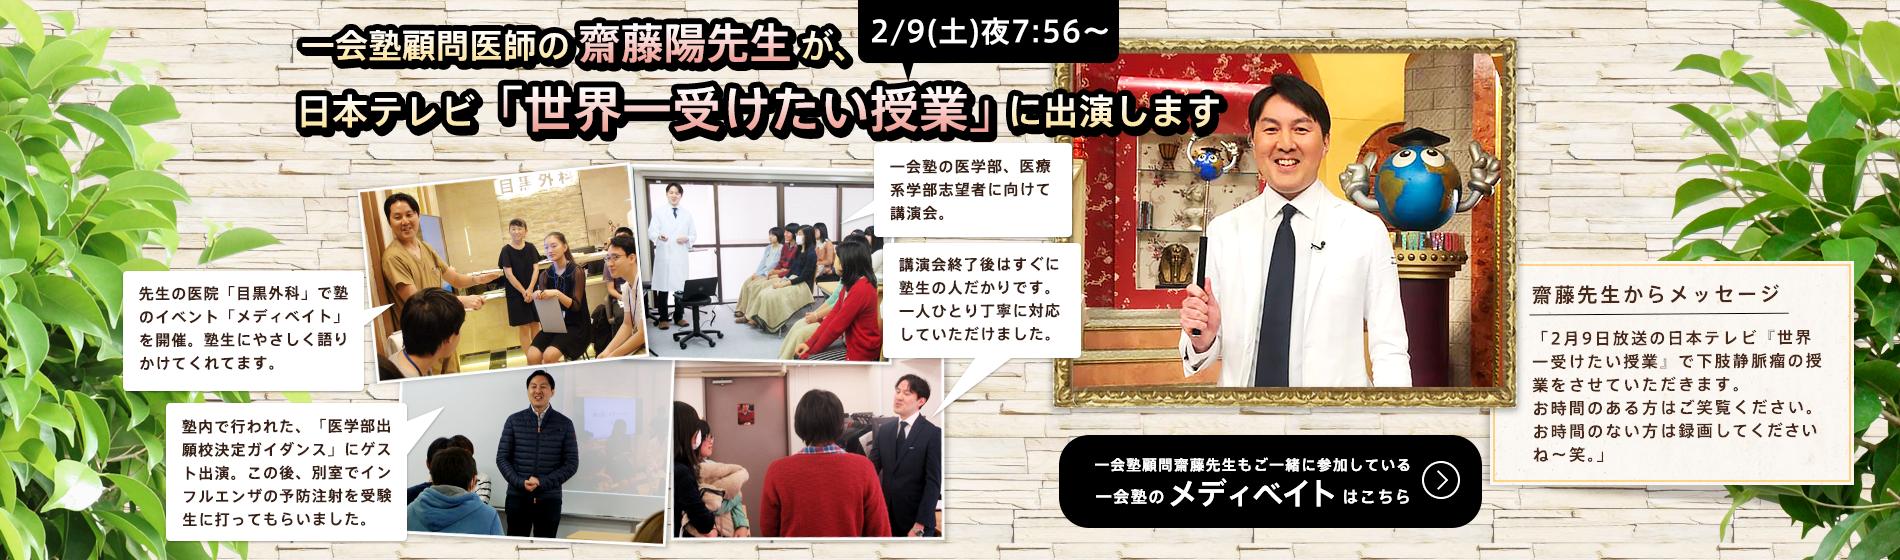 一会塾顧問齋藤先生が2月9日に「世界一受けたい授業」に出演します!